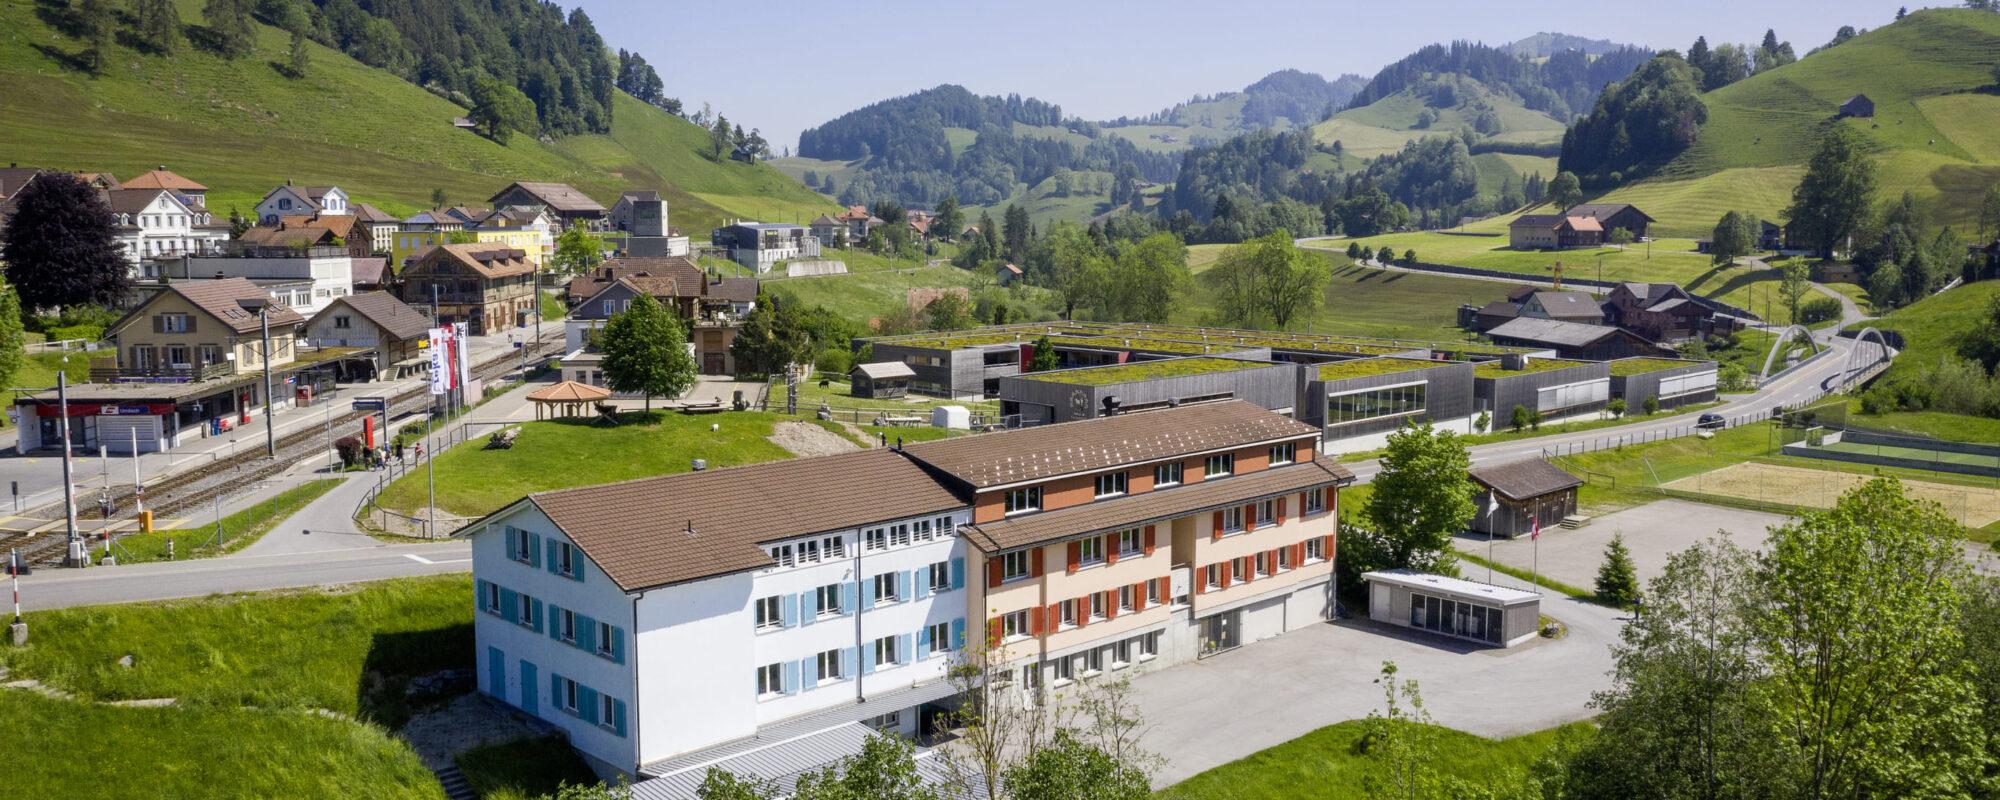 Ferienhaus_Unterkunft_Mitel_Saentis_5